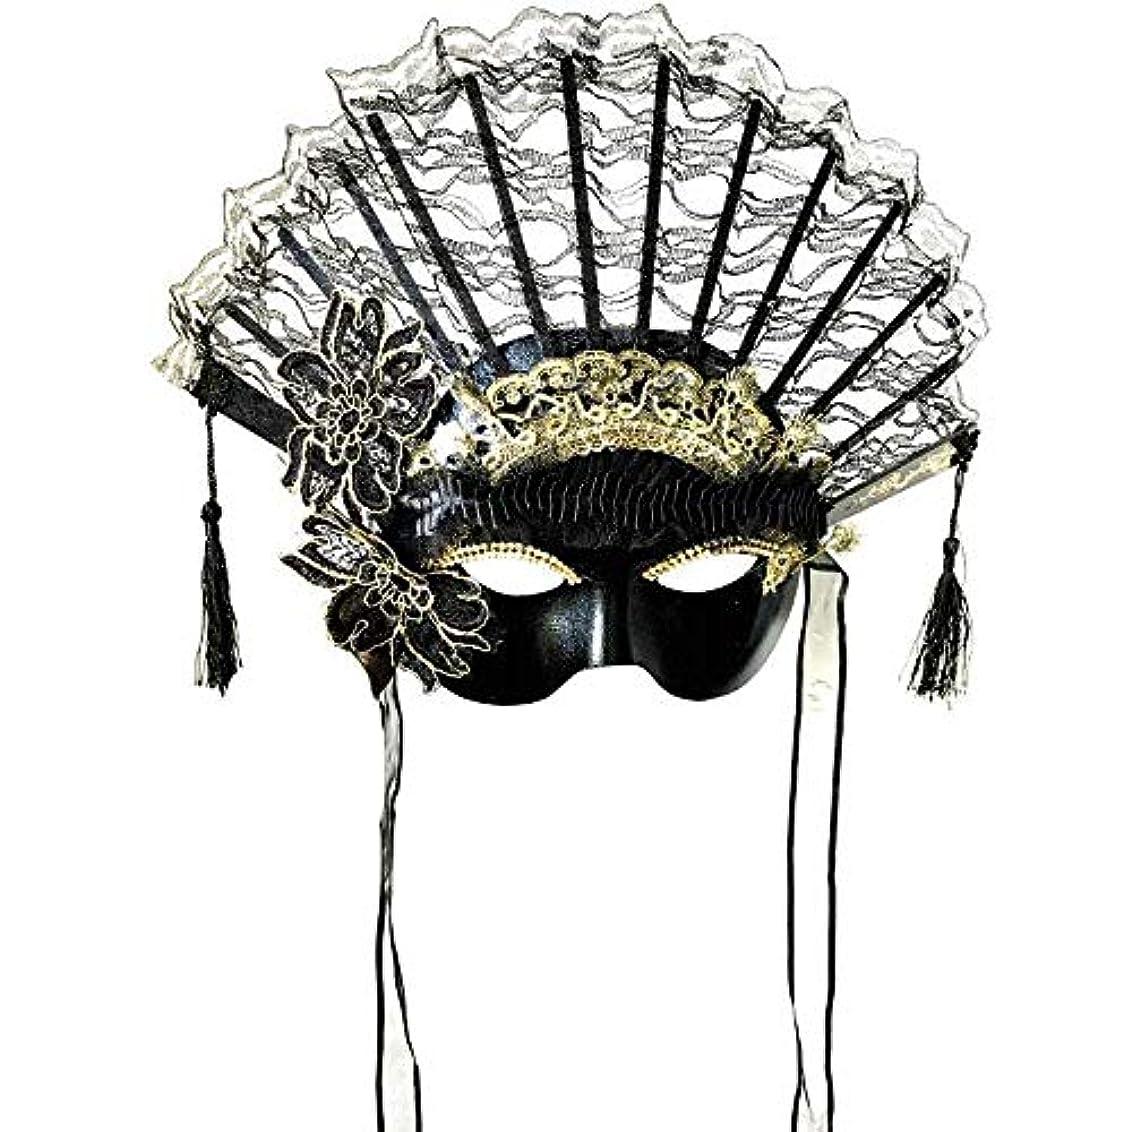 ランチつま先スケッチNanle ハロウィンクリスマスレースファンシェイプフラワーフリンジビーズマスク仮装マスクレディミスプリンセス美容祭パーティーデコレーションマスク (色 : Black B)